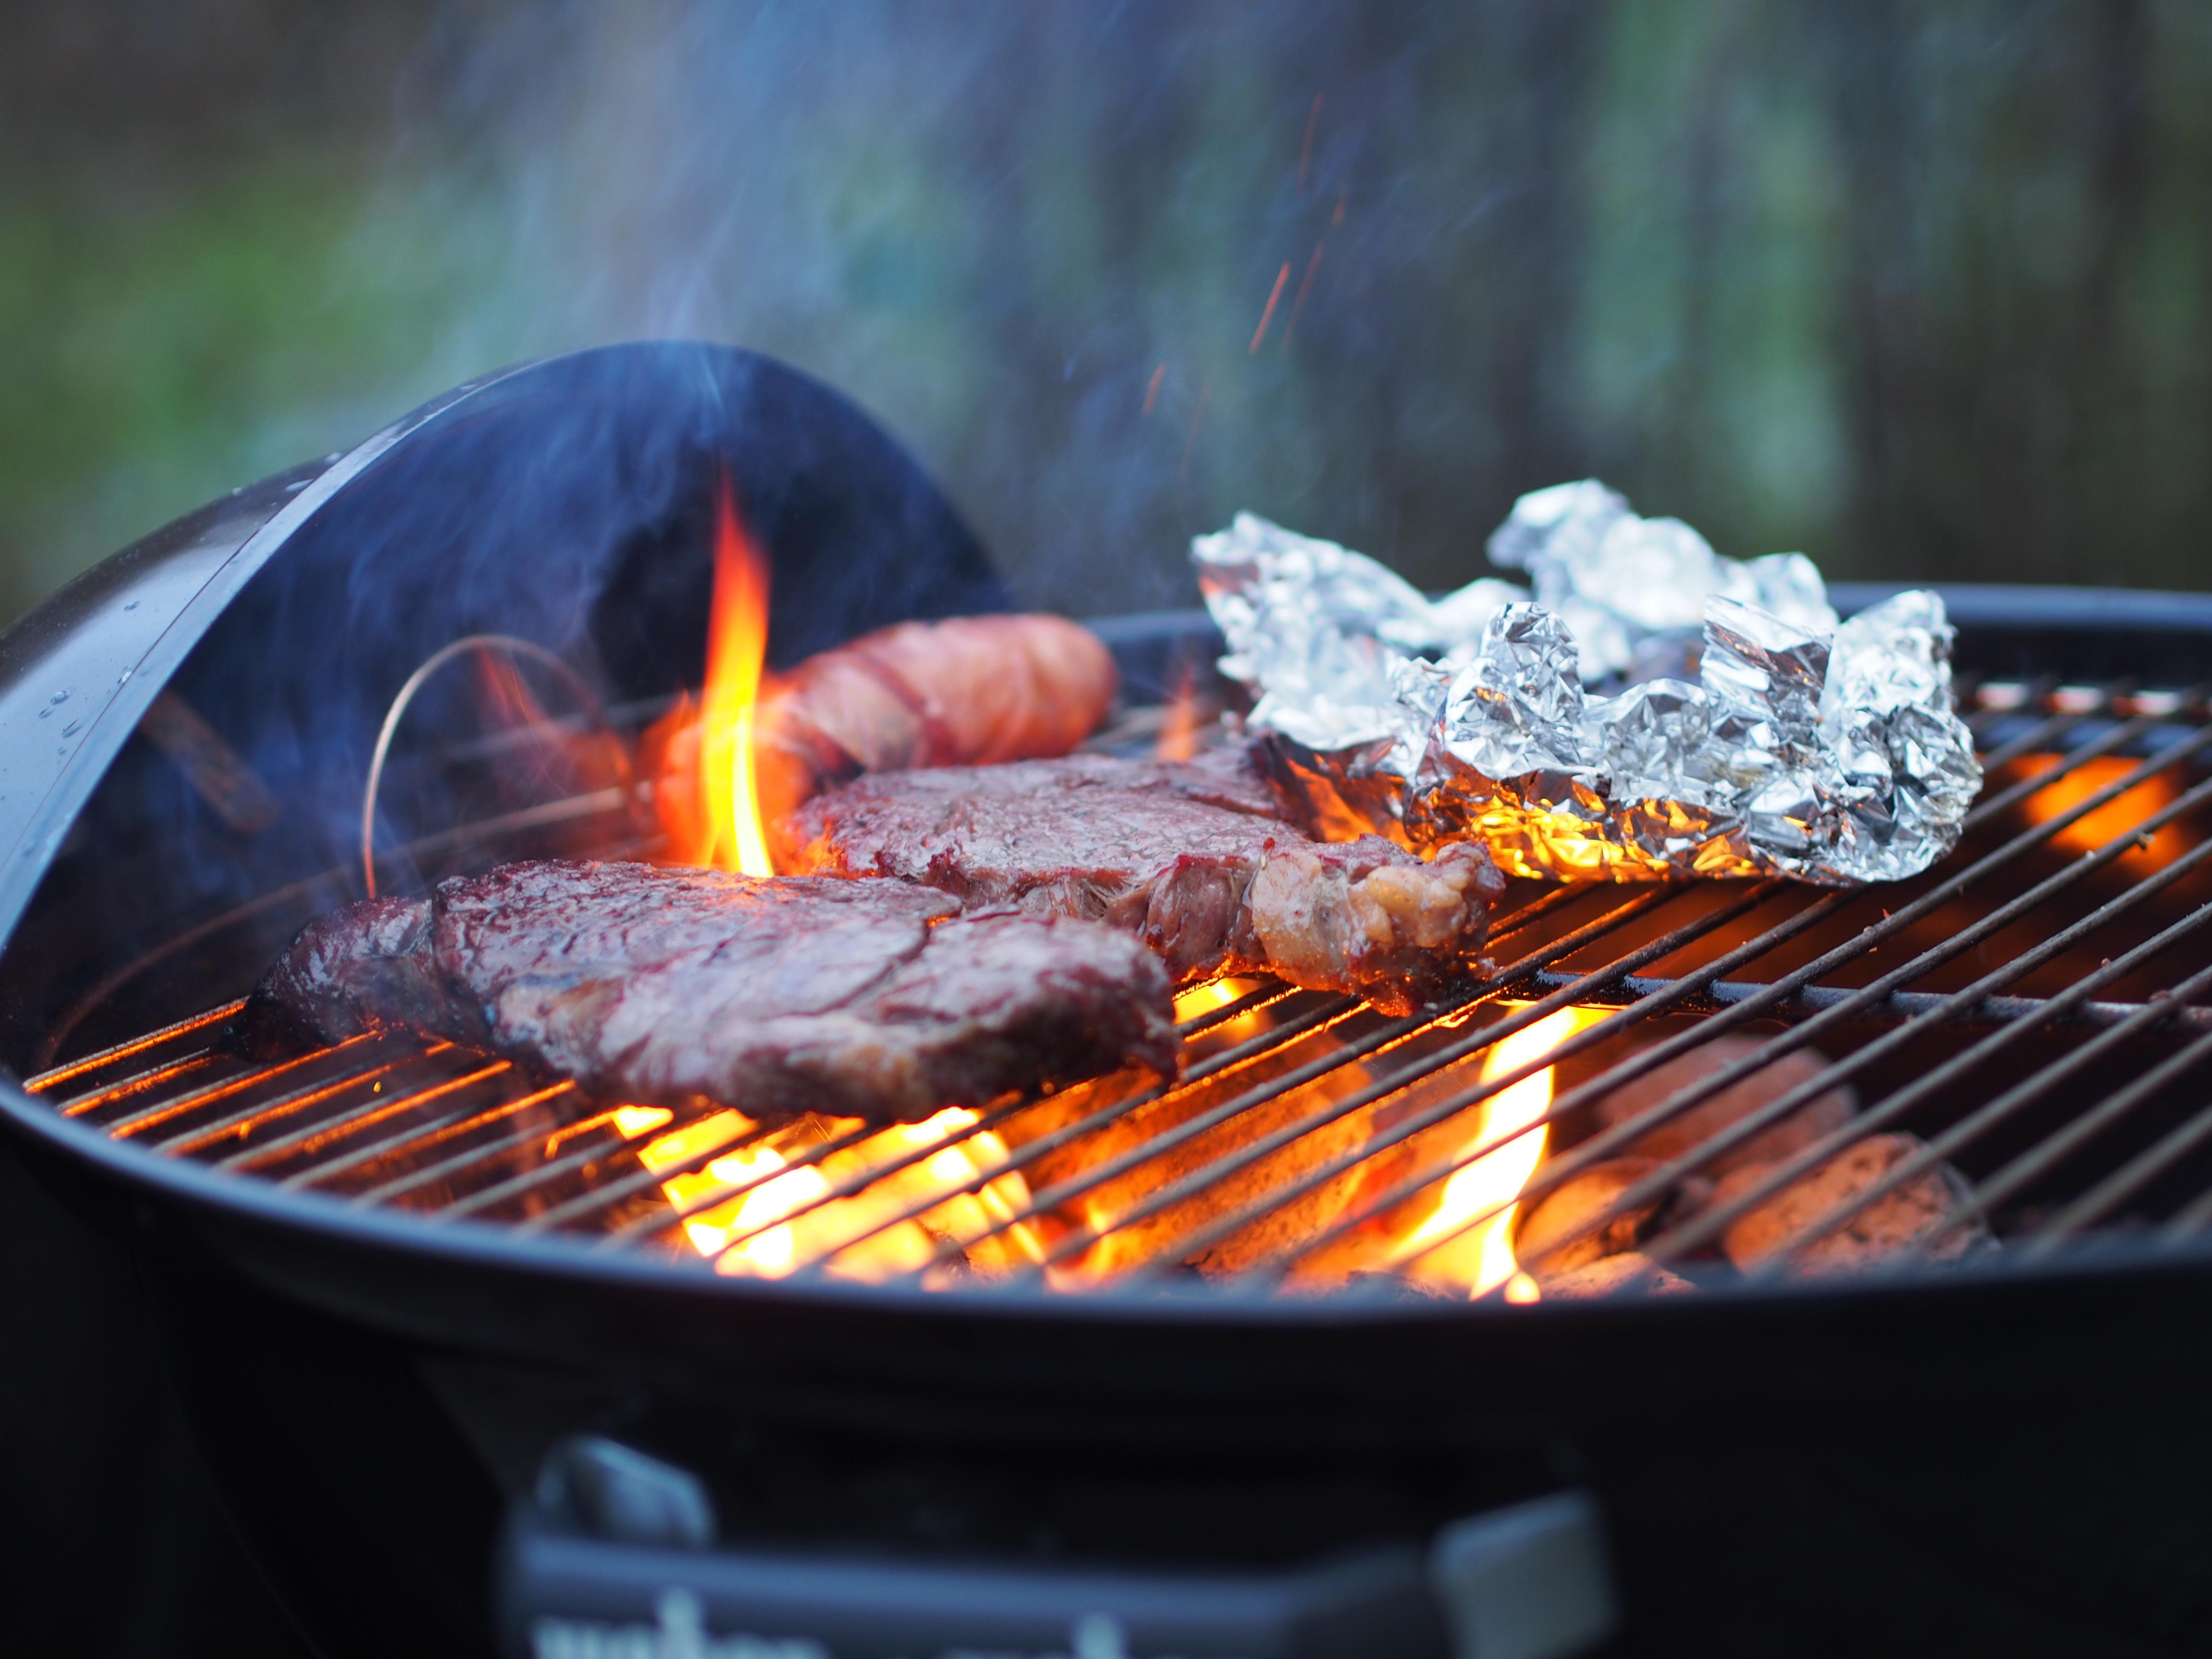 Weber Elektrogrill Indirekte Hitze : Wie brate ich ein steak richtig? u2013 esszettel